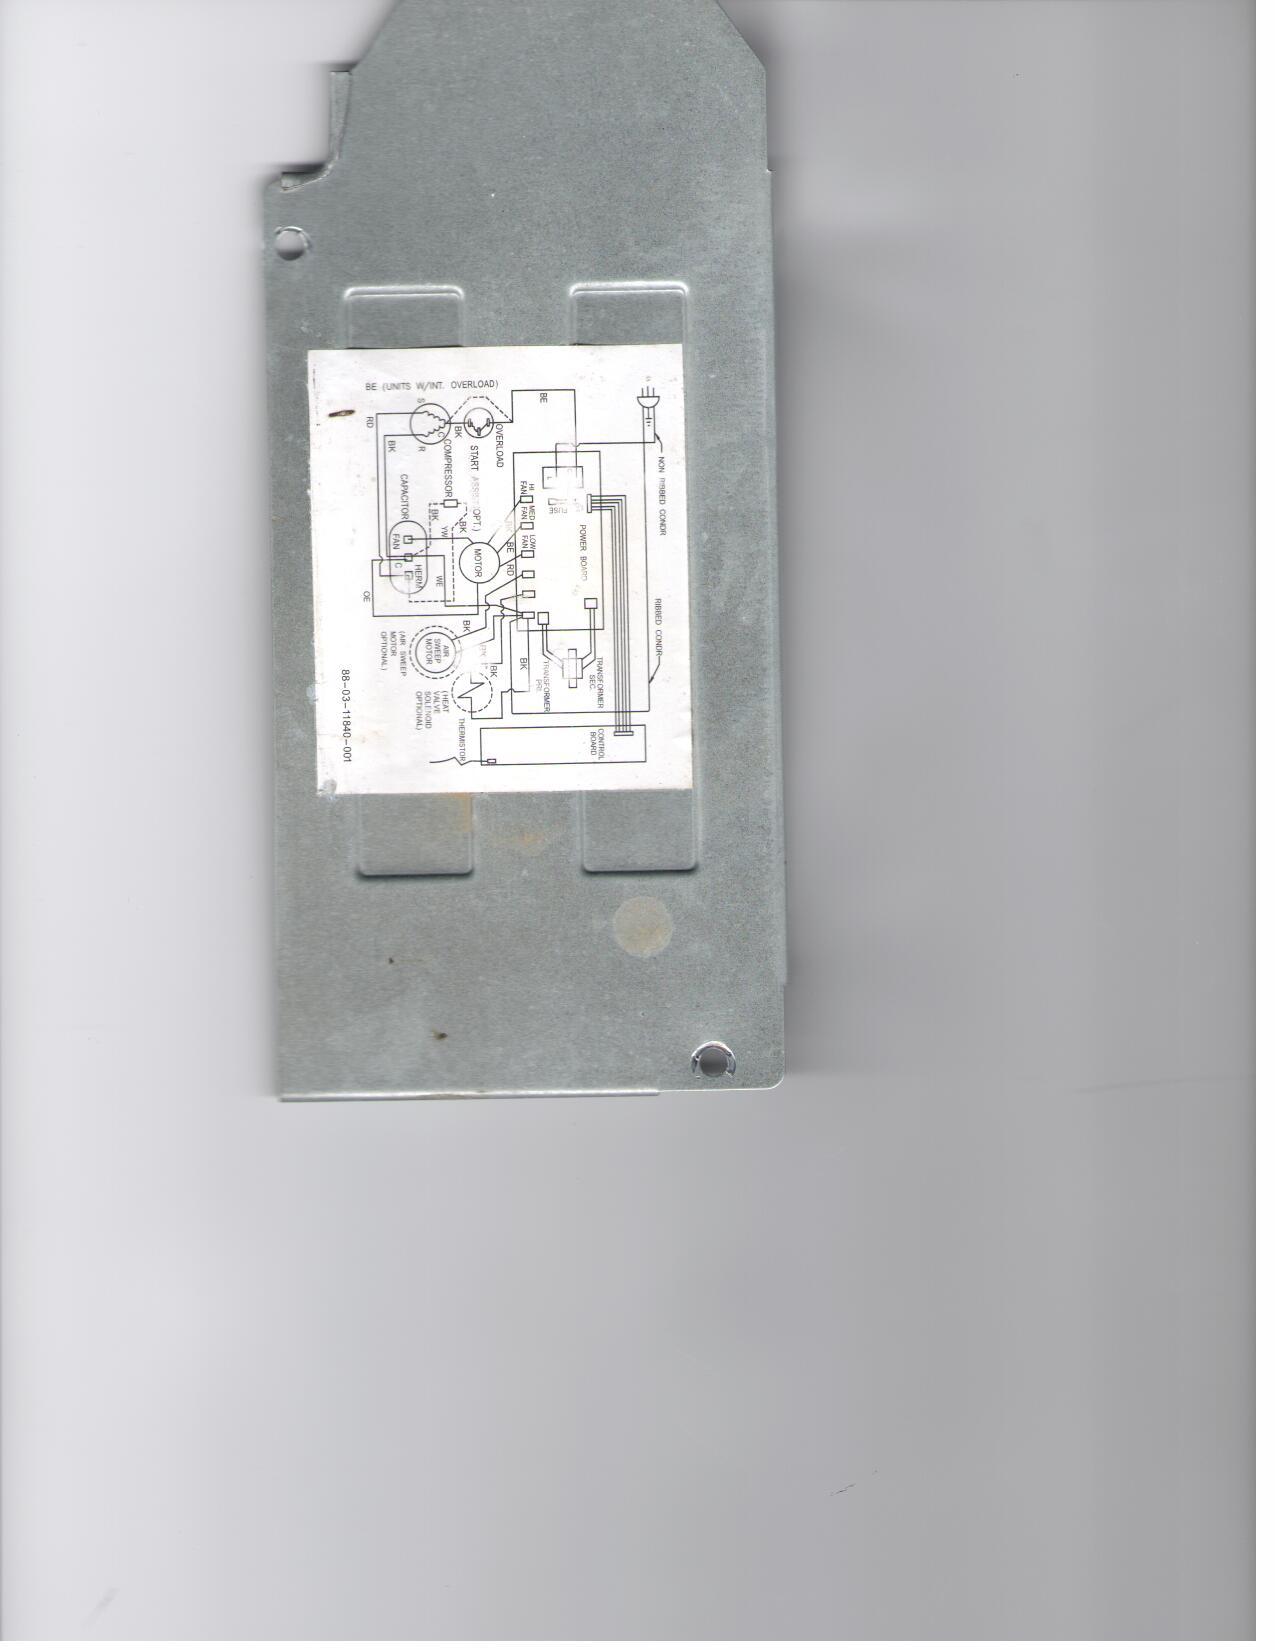 maytag/fedders 14,500 btu window a/c unit mod# xxxxx ac wiring diagram pdf